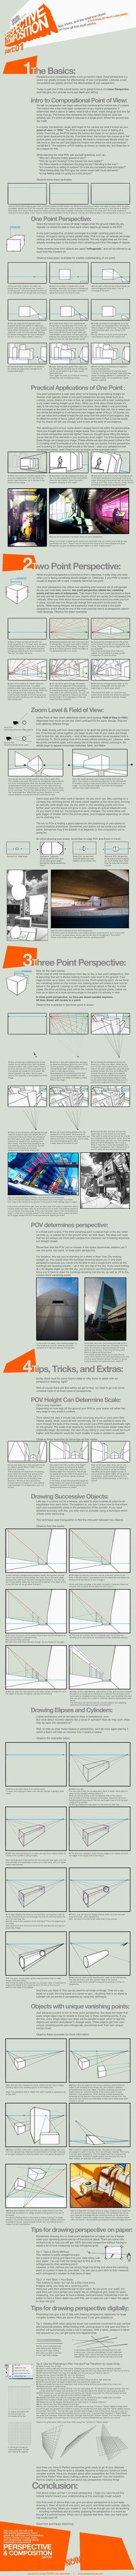 Perspektive Zusammensetzung PT. 1 5059                                                                                                                                                      Mehr